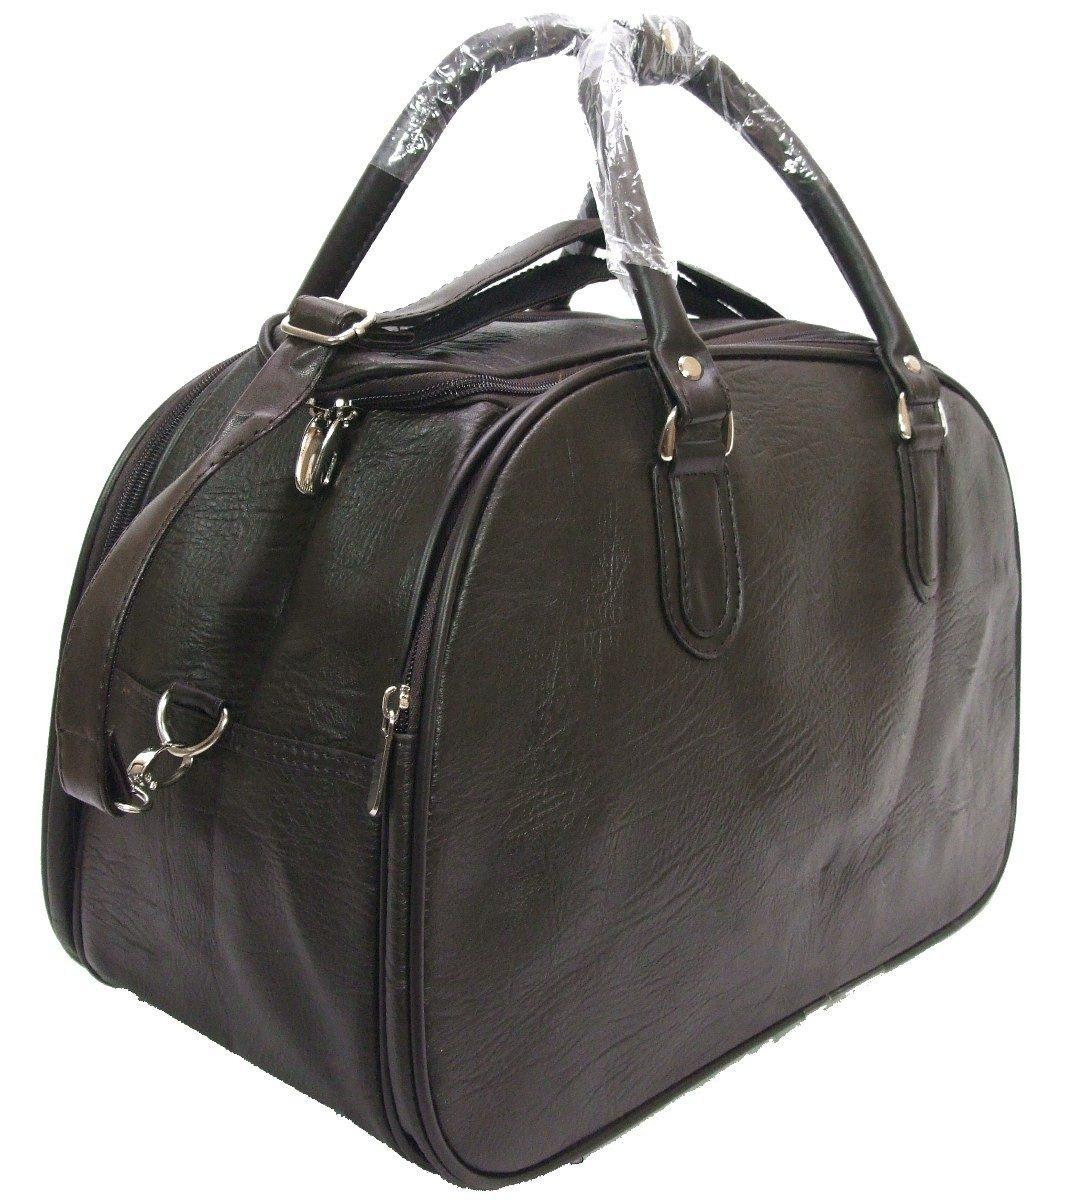 7949af08f5c37 kit malas viagem bolsa masculina grande couro resistente. Carregando zoom.